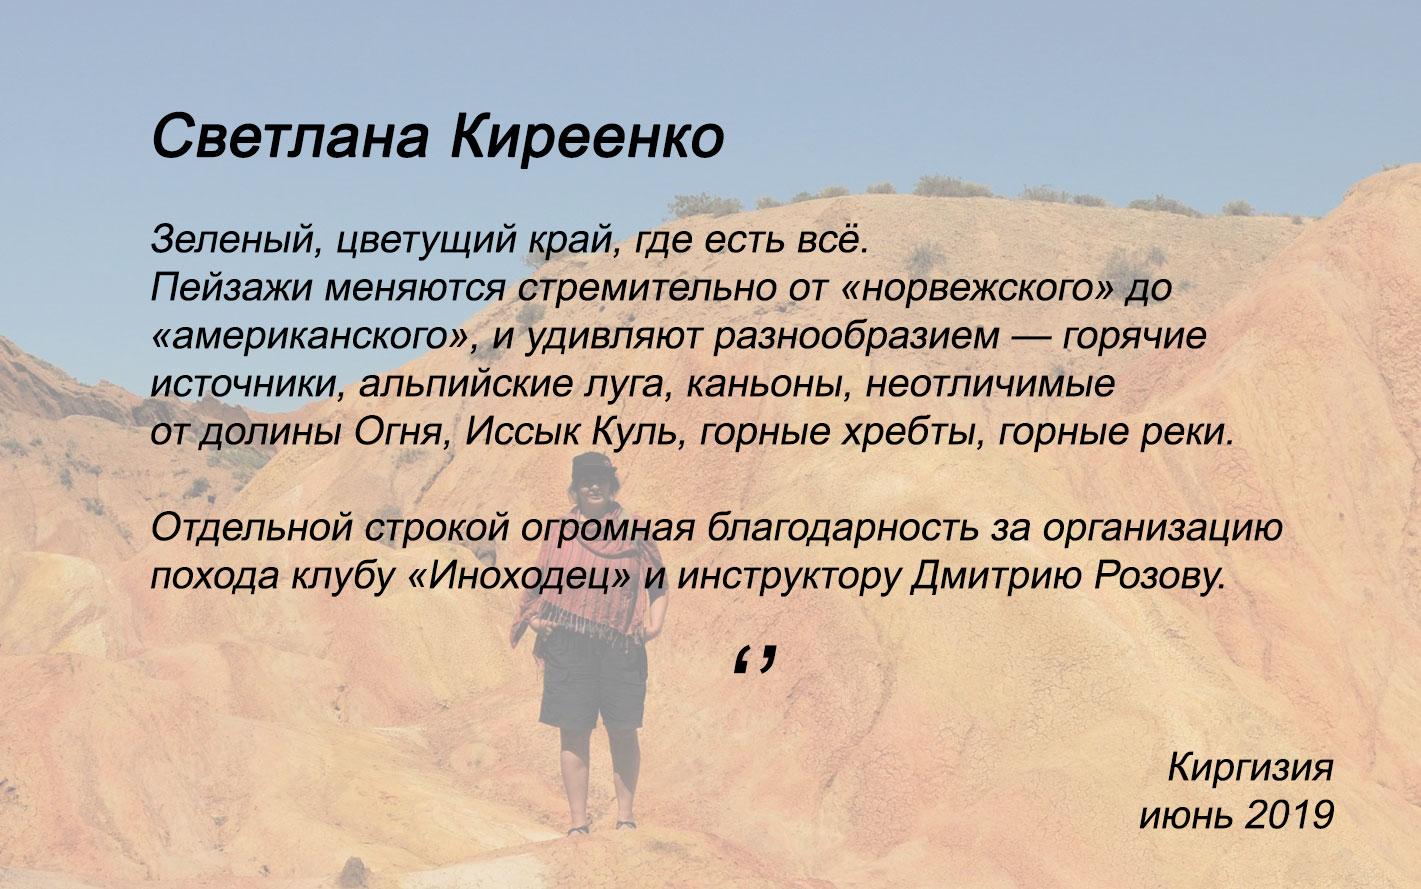 Конный тур в Киргизии